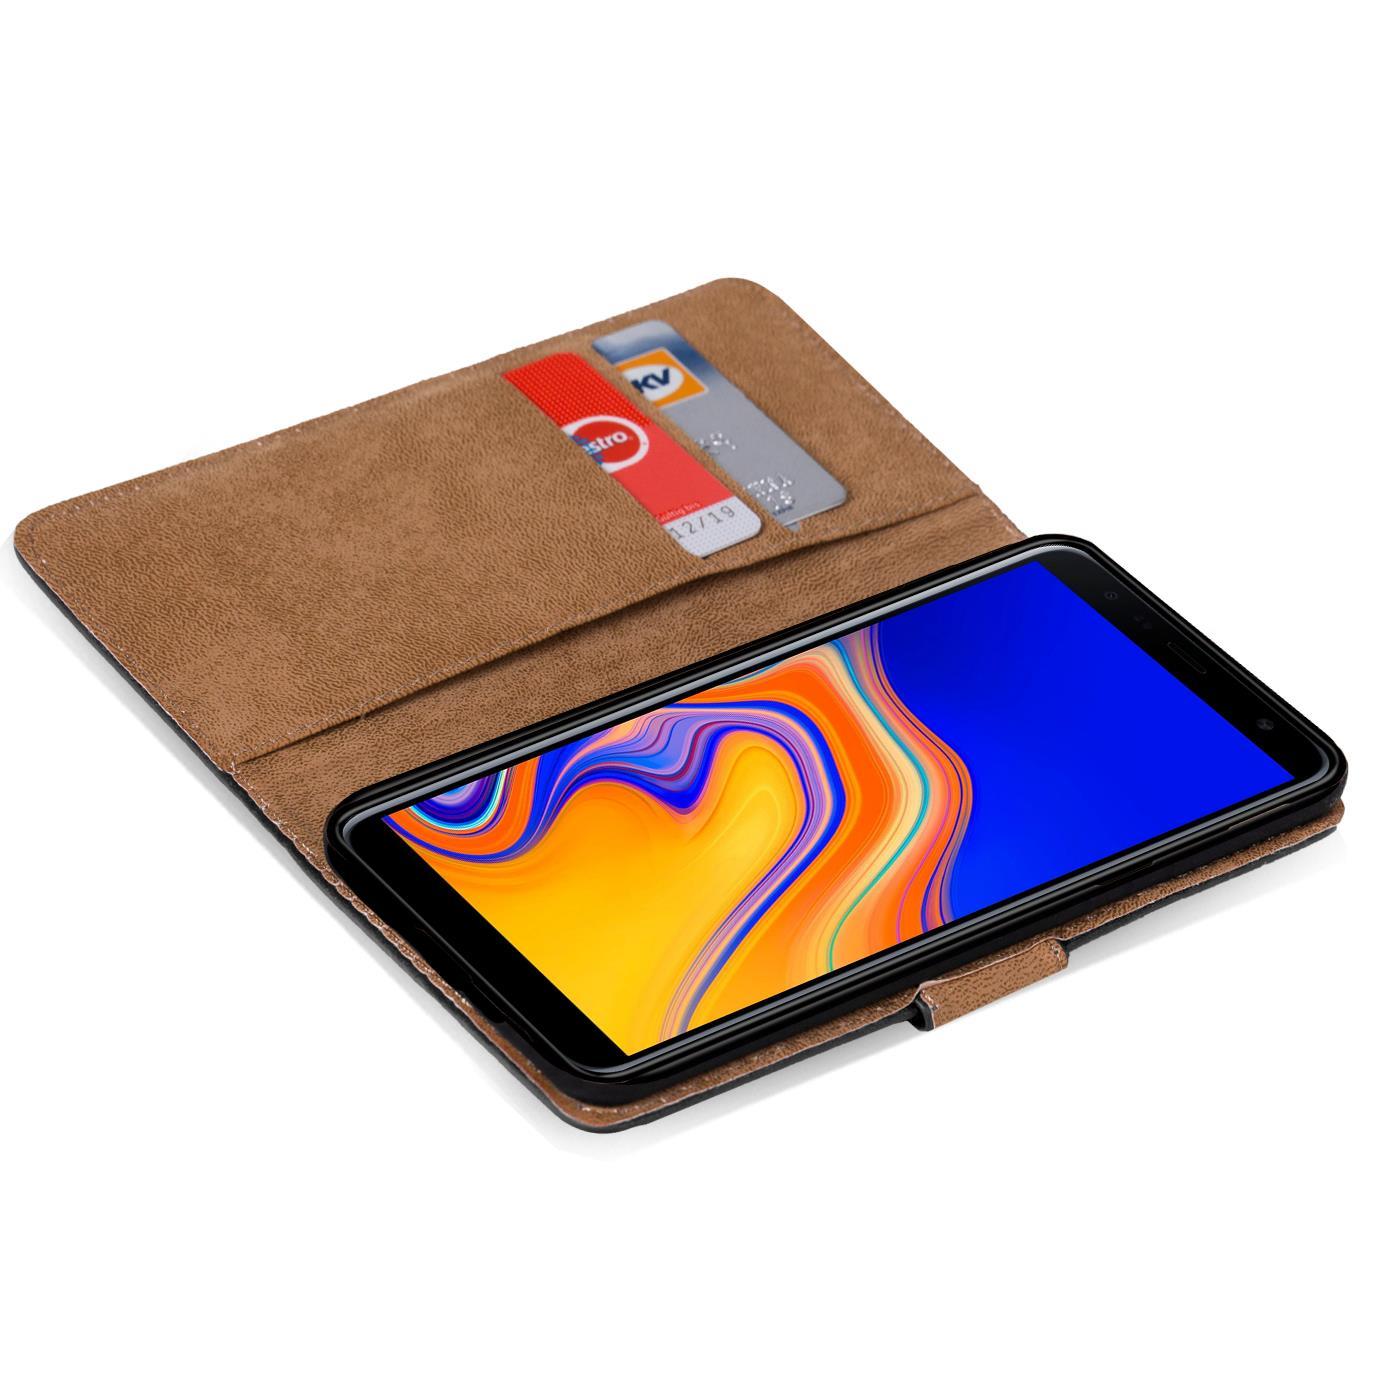 Samsung-Galaxy-A7-2018-Handy-Klapp-Tasche-Schutz-Huelle-Book-Flip-Cover-Case-Etui Indexbild 16